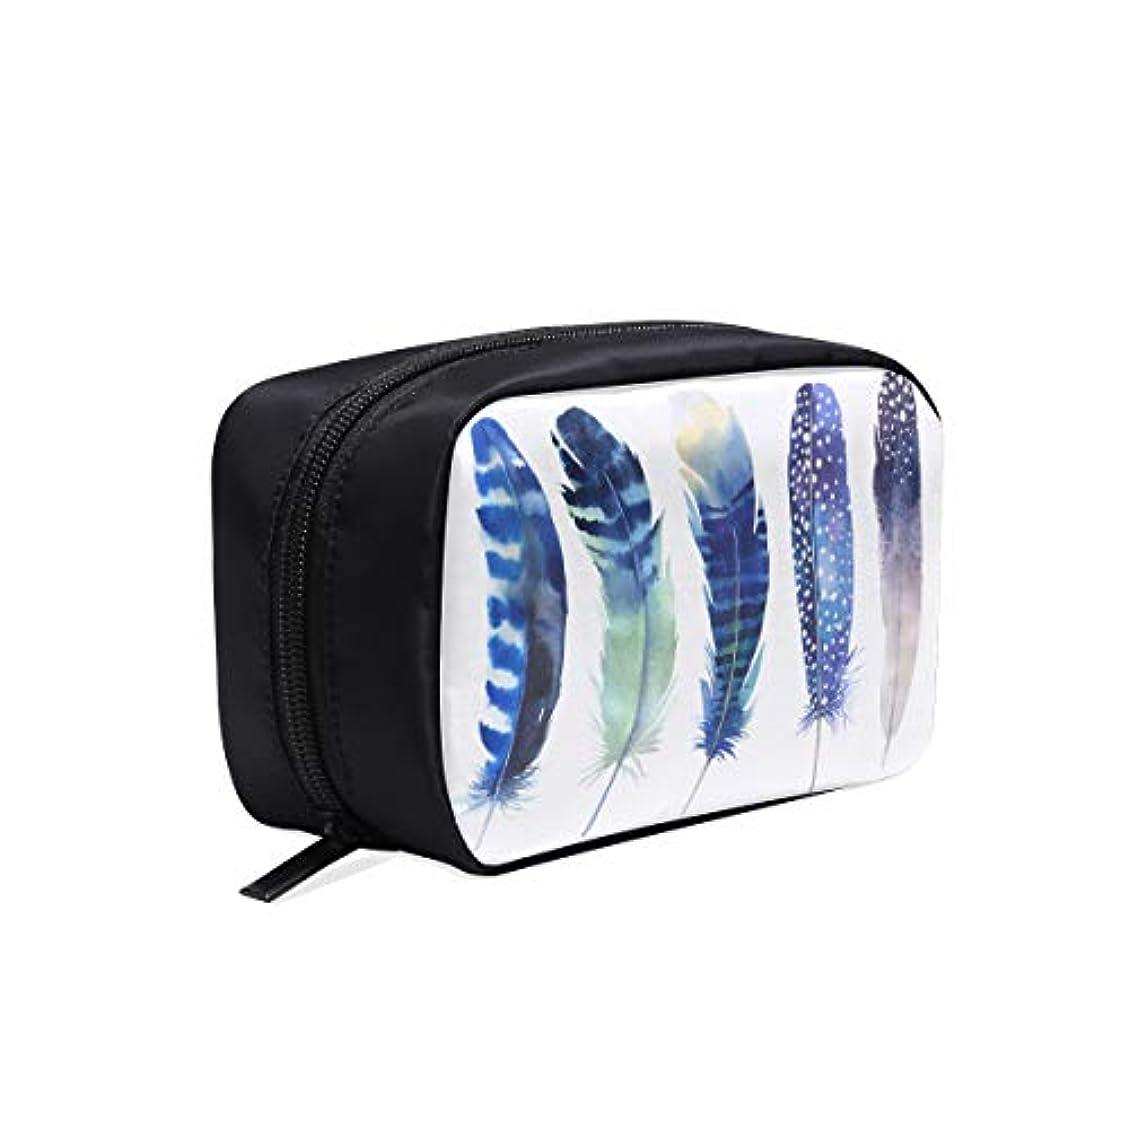 ステレオ排他的銅KWESG メイクポーチ チキンフェザー ボックス コスメ収納 化粧品収納ケース 大容量 収納 化粧品入れ 化粧バッグ 旅行用 メイクブラシバッグ 化粧箱 持ち運び便利 プロ用